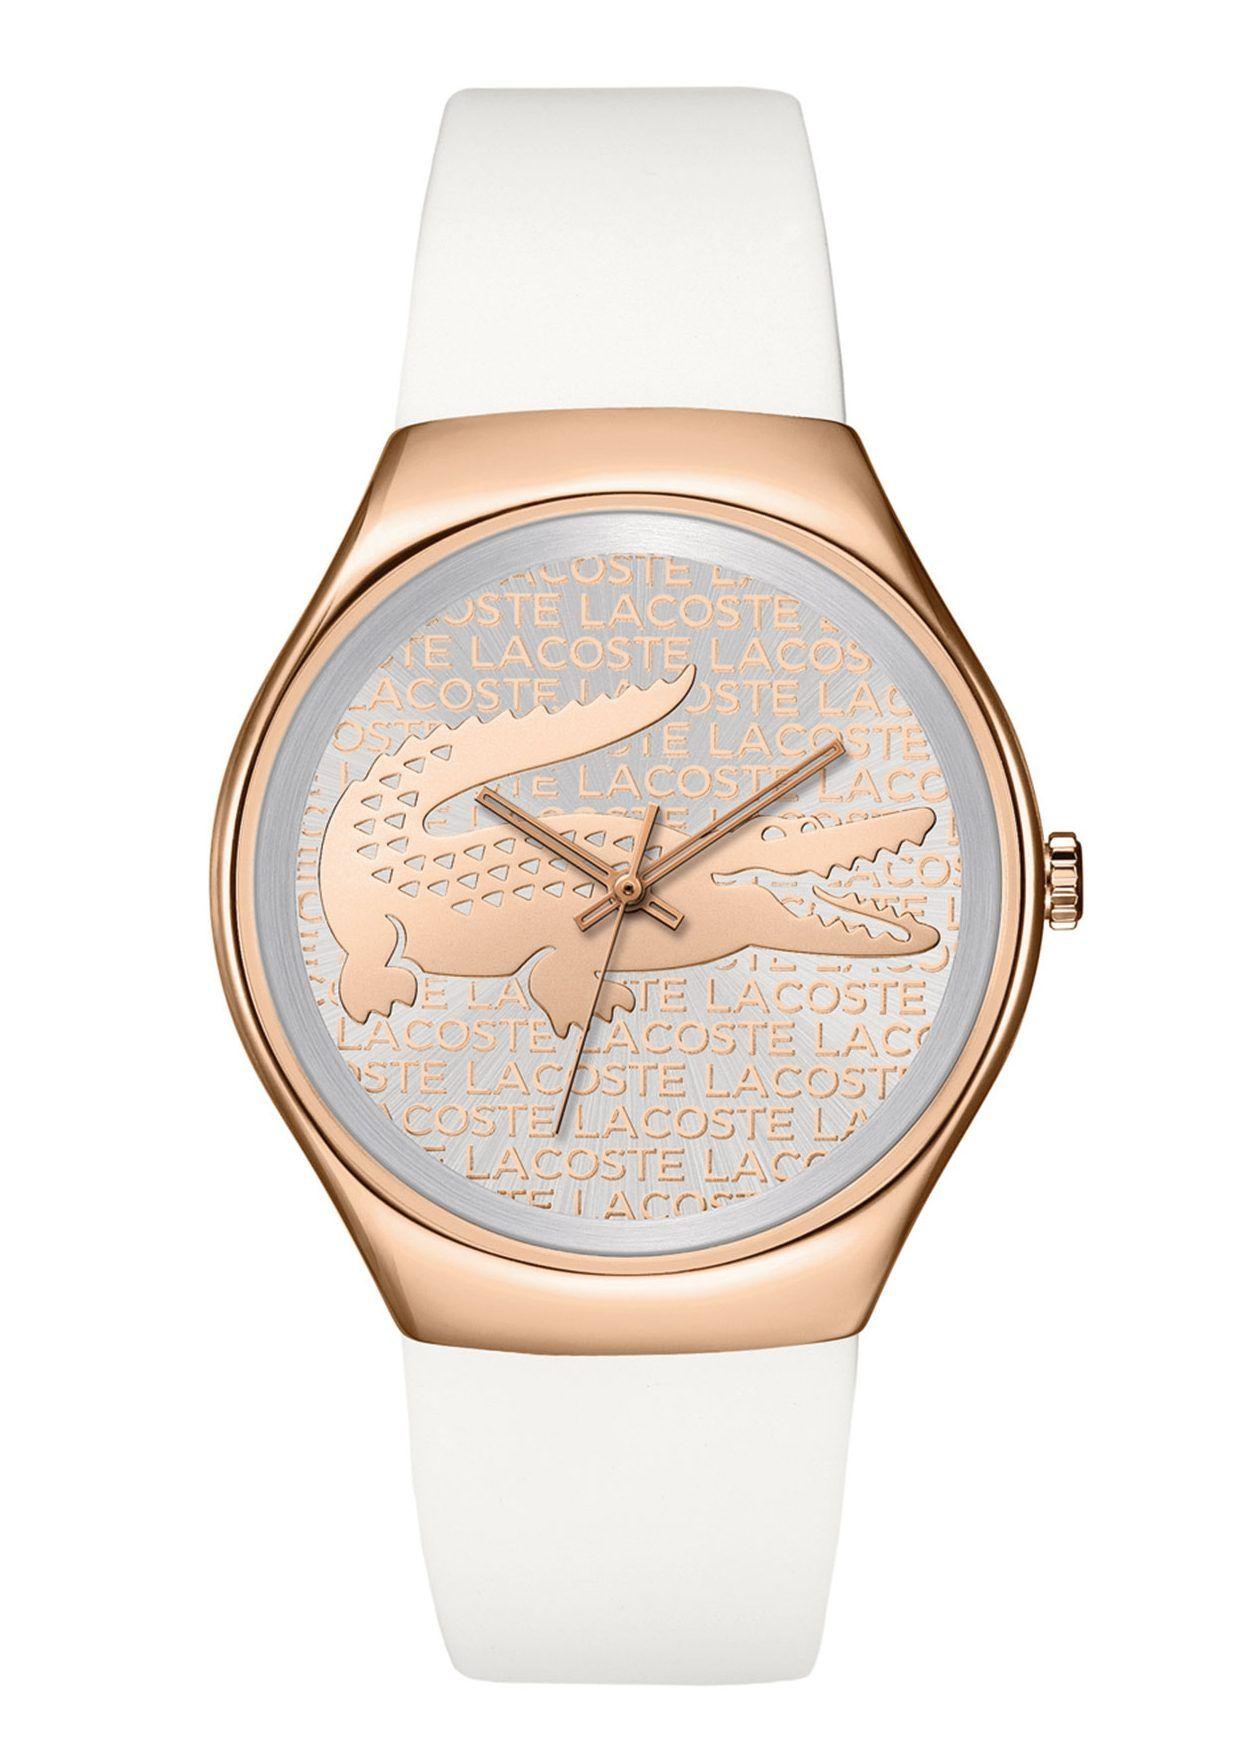 24caa1d65e Por estar de lanzamiento, tenemos este increíble reloj Lacoste para mujer  con el 10% de descuento. ¿Qué estás esperando para tenerlo?